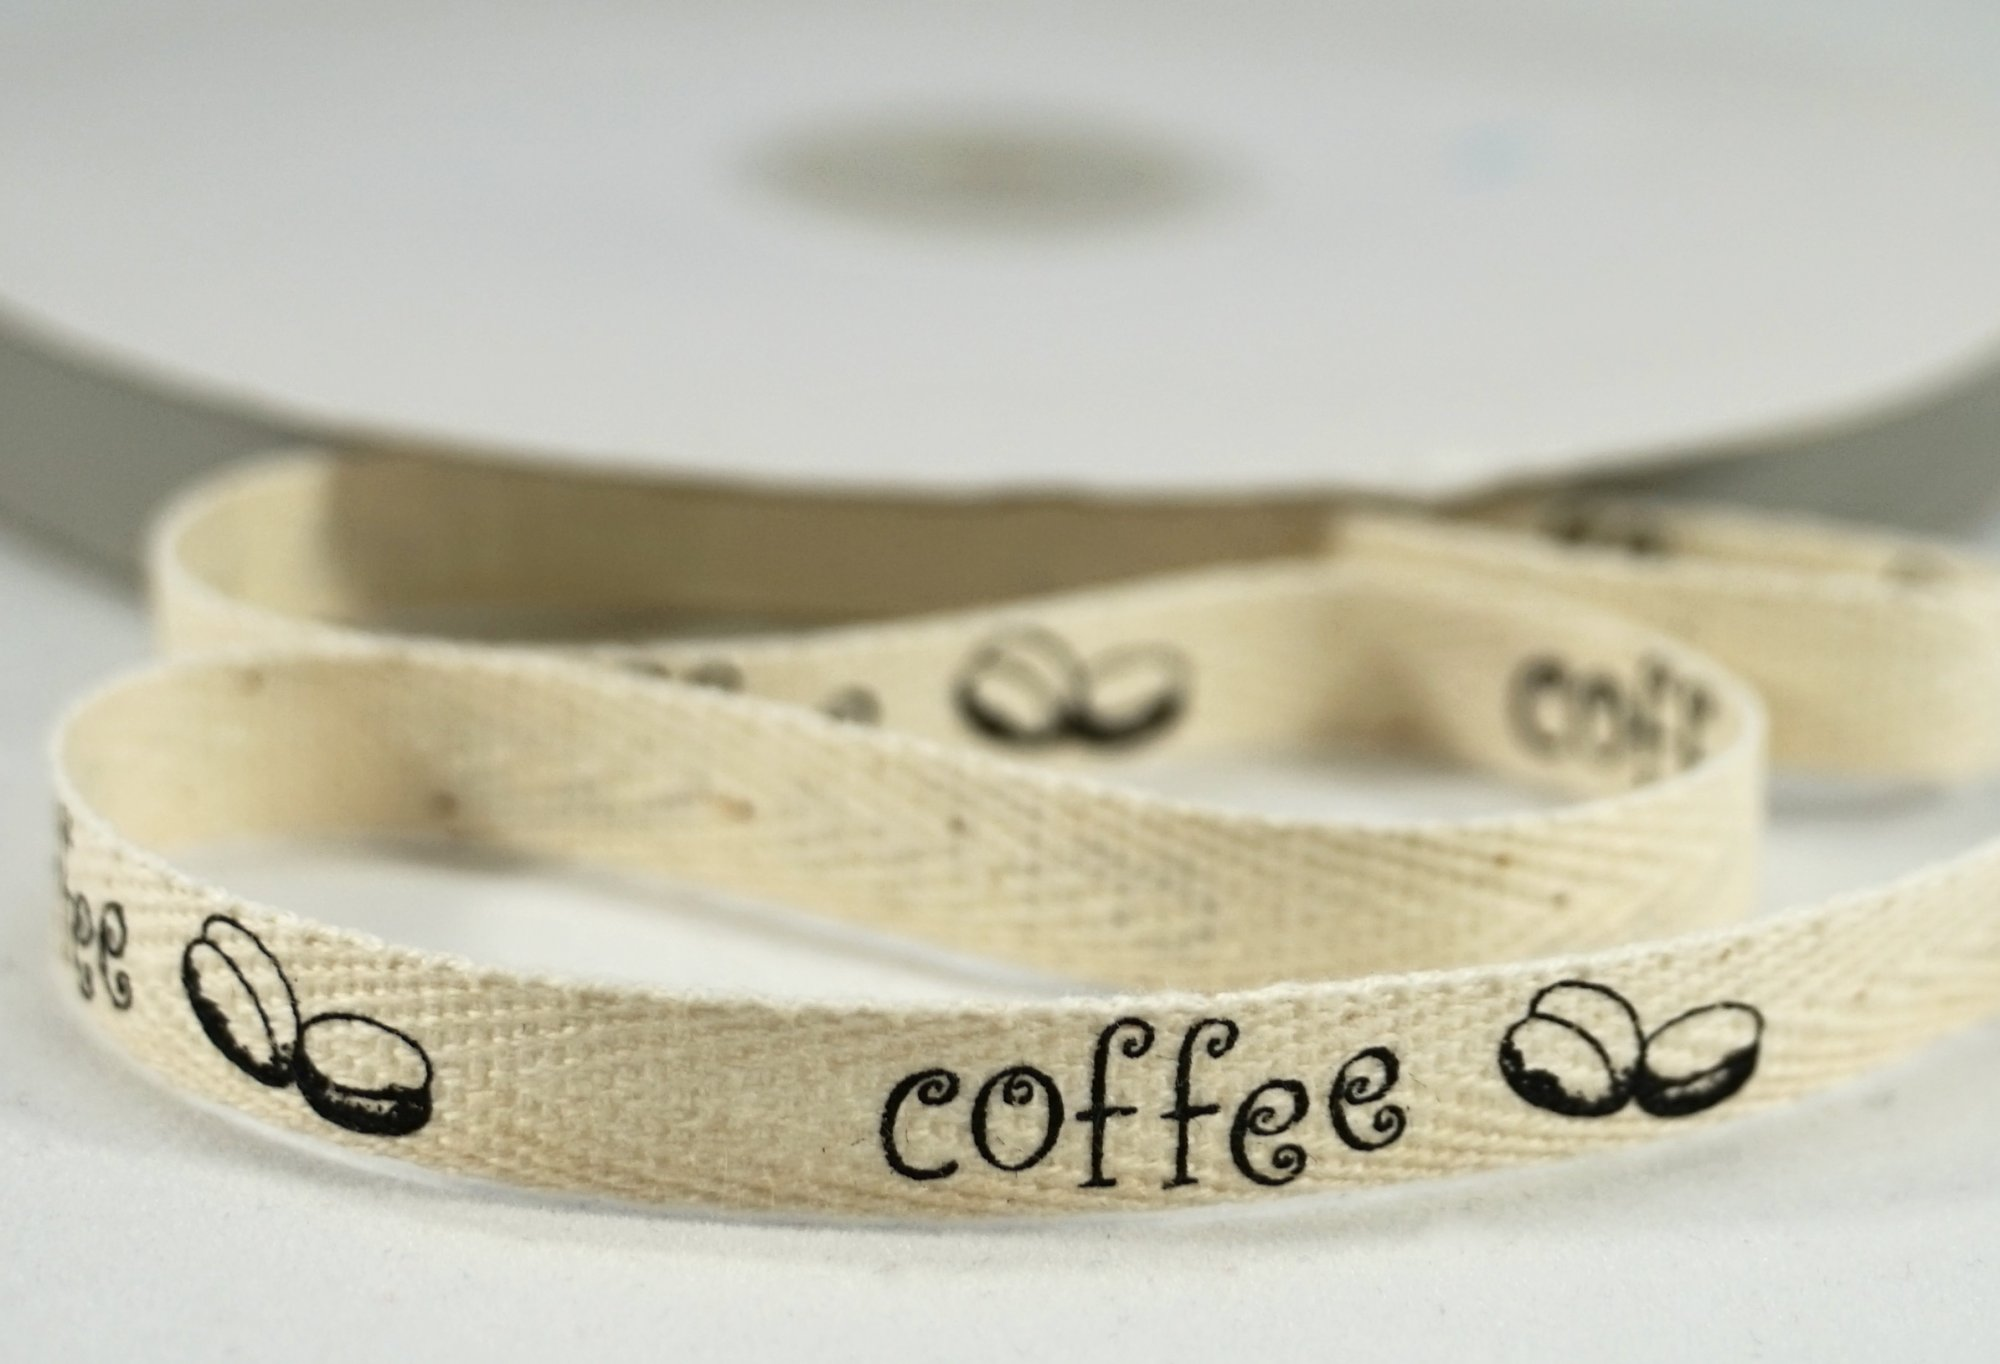 100% Cotton Ribbon - Black Coffee